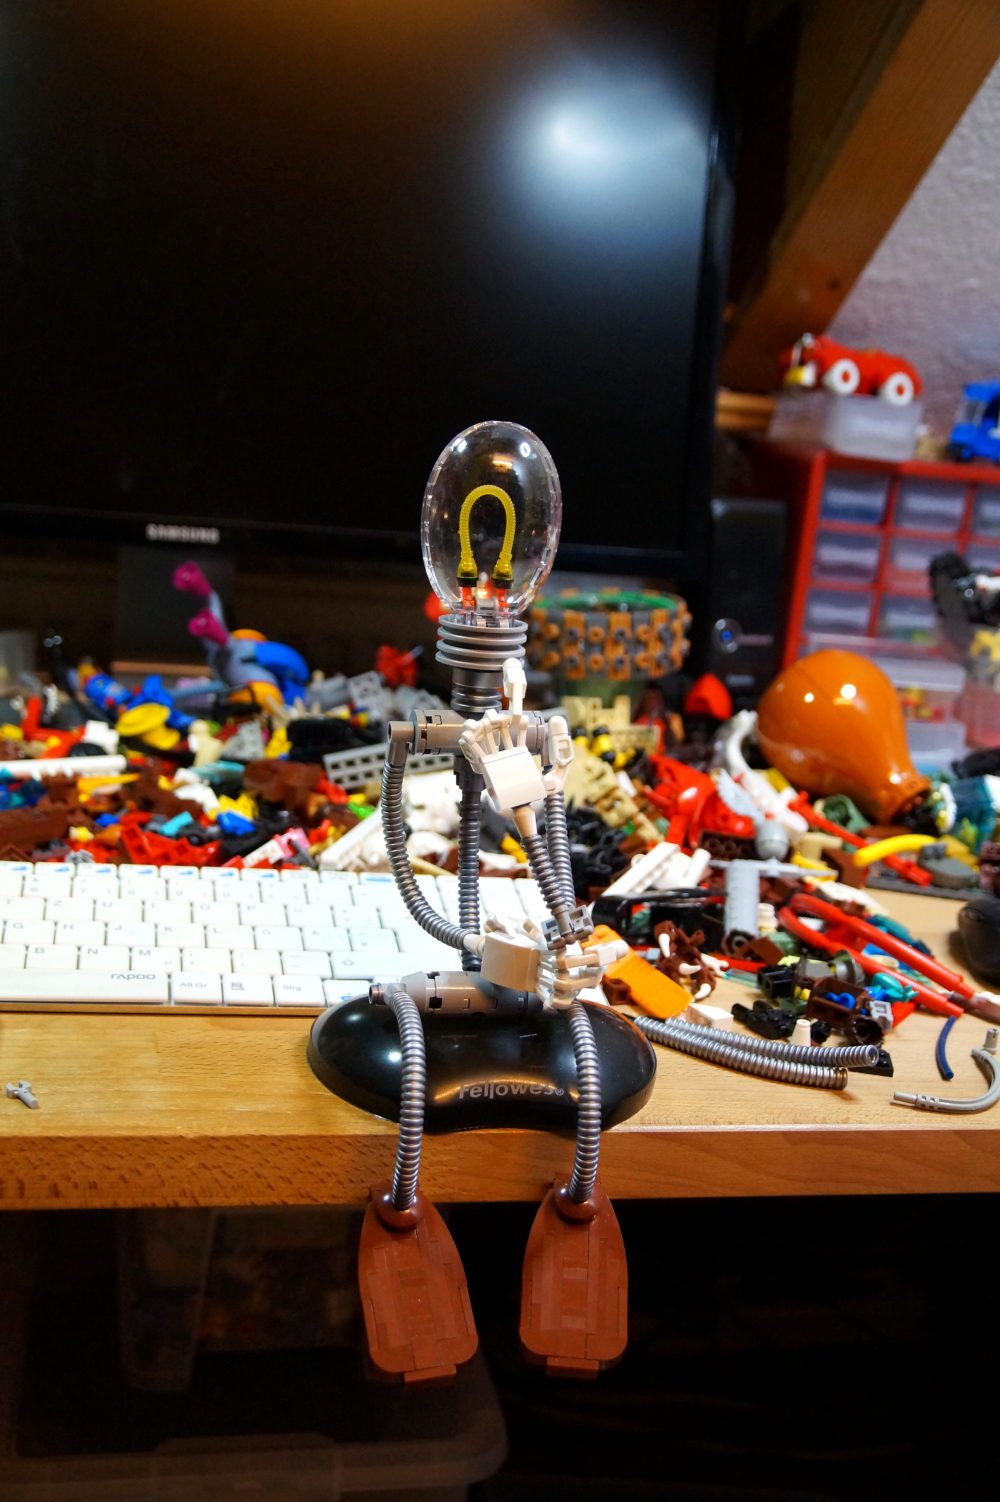 LEGO Little Helper 2.0